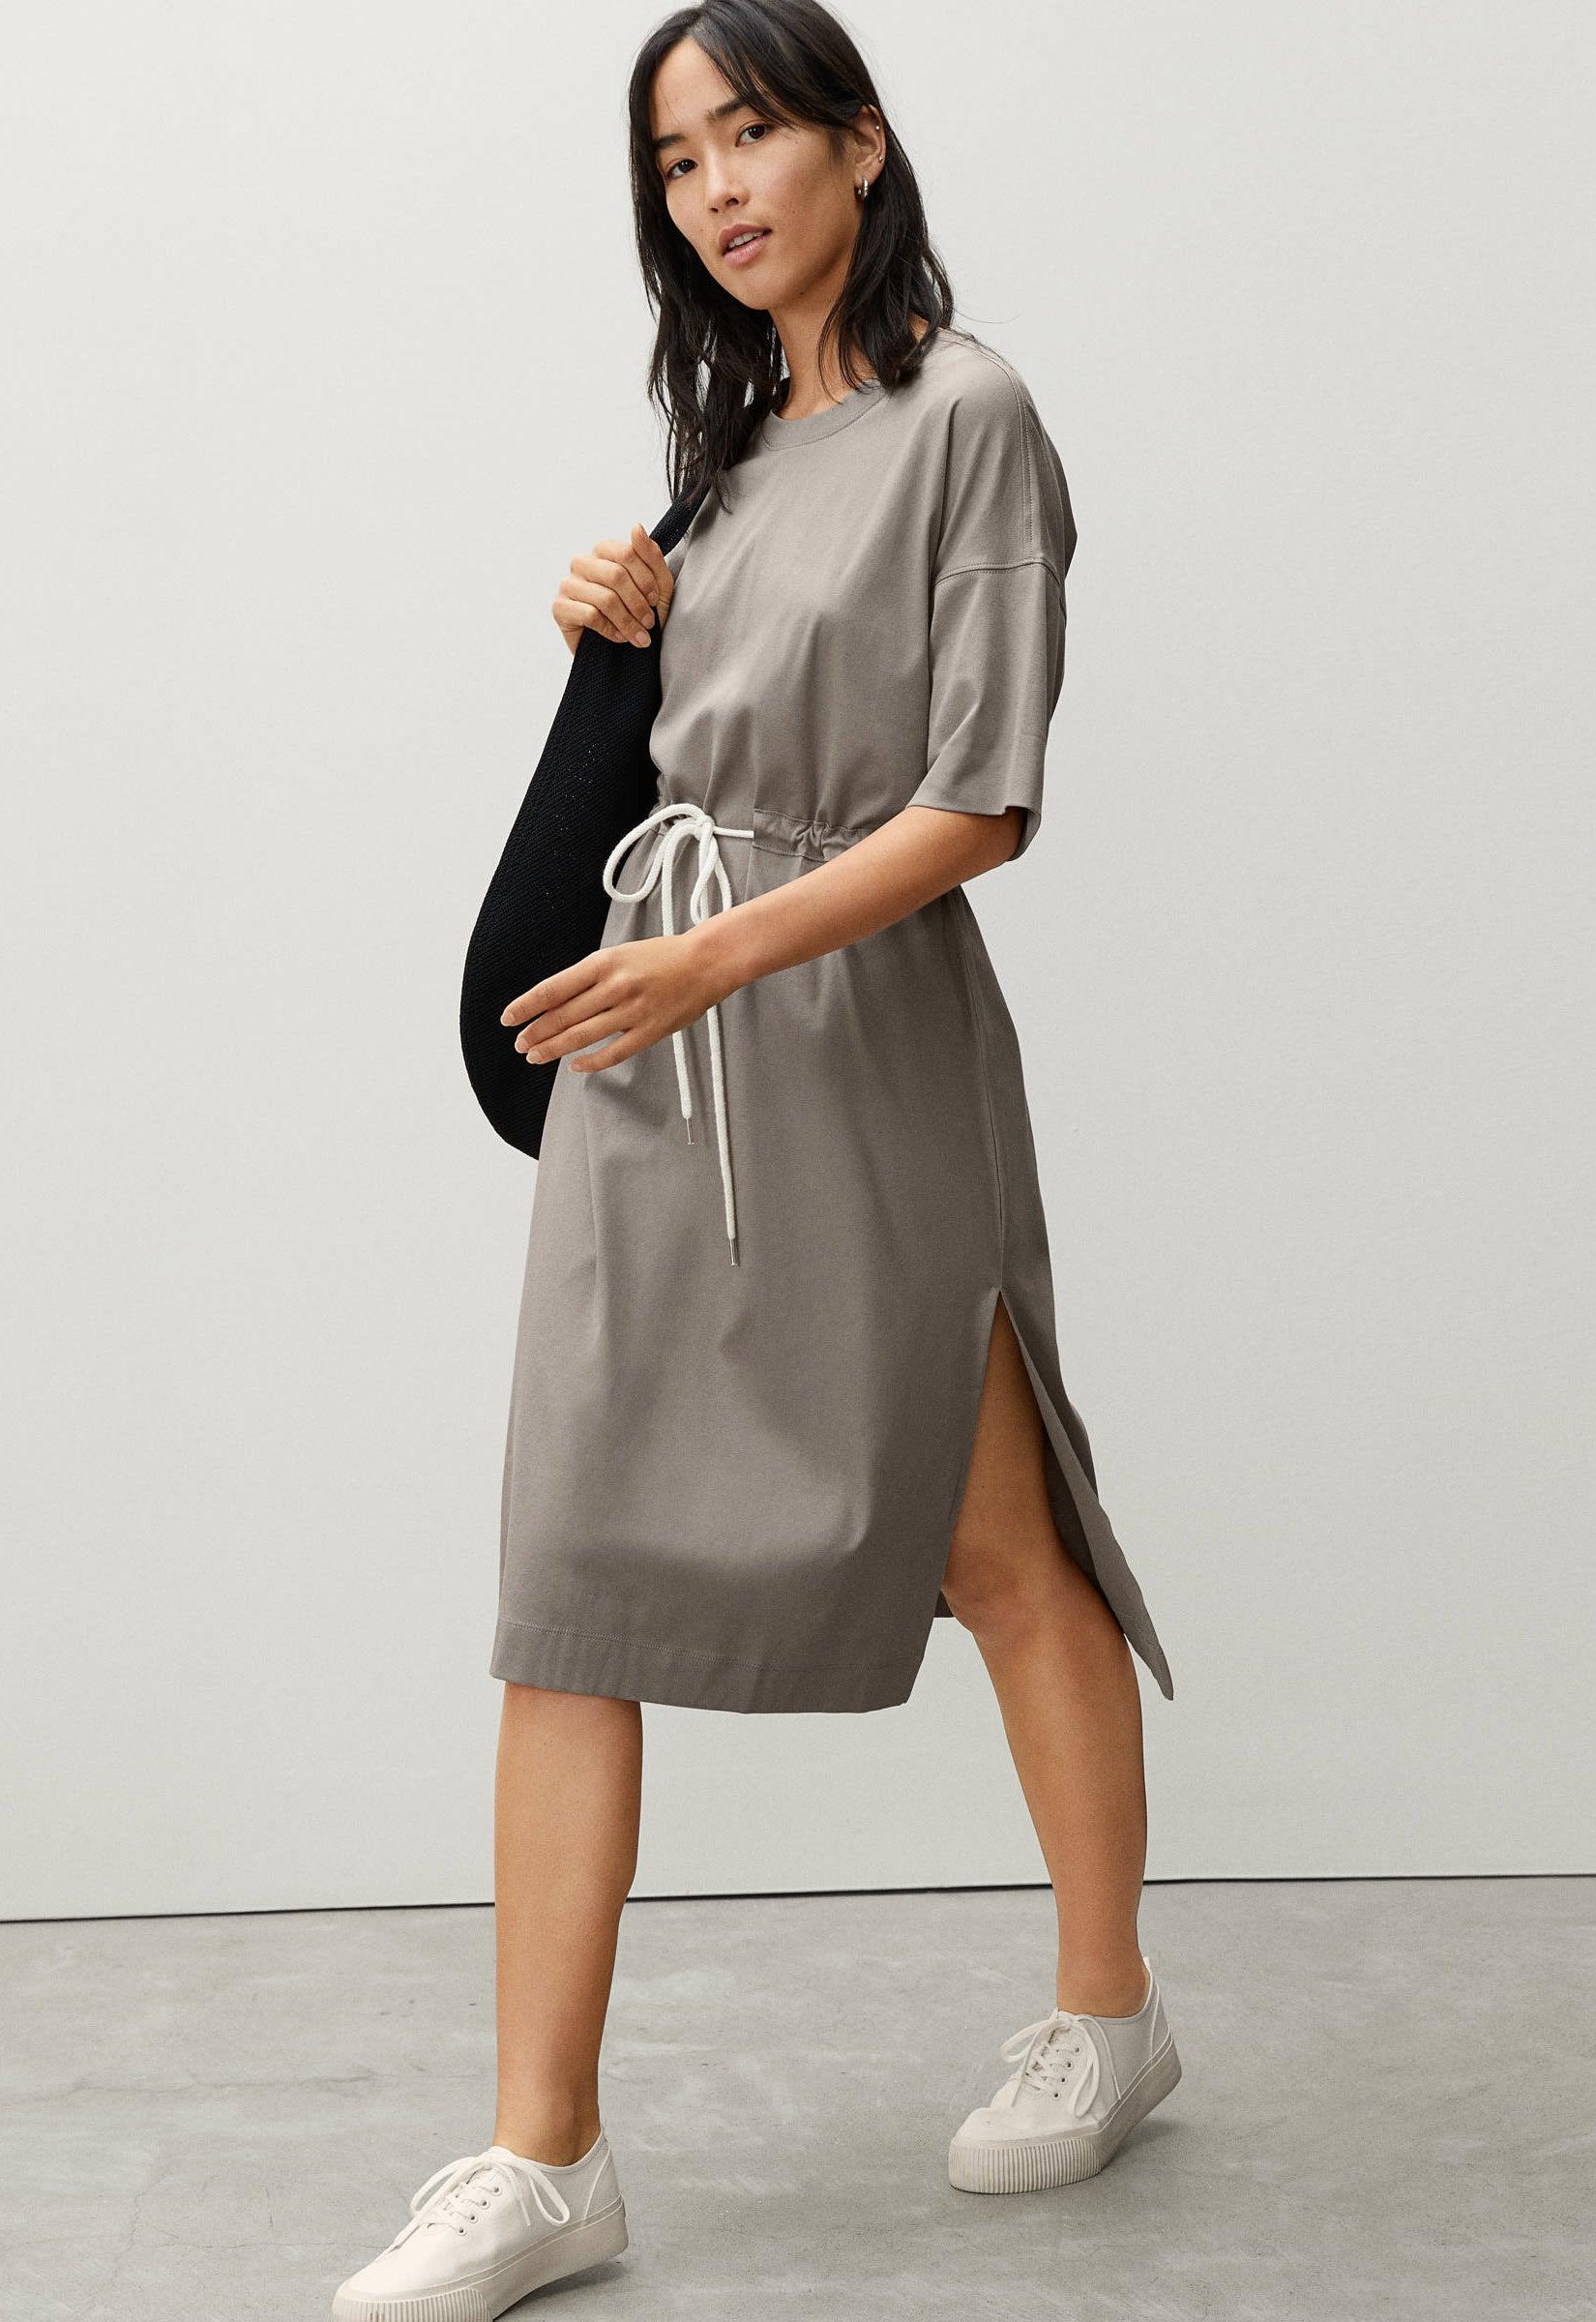 model wearing the grey dress